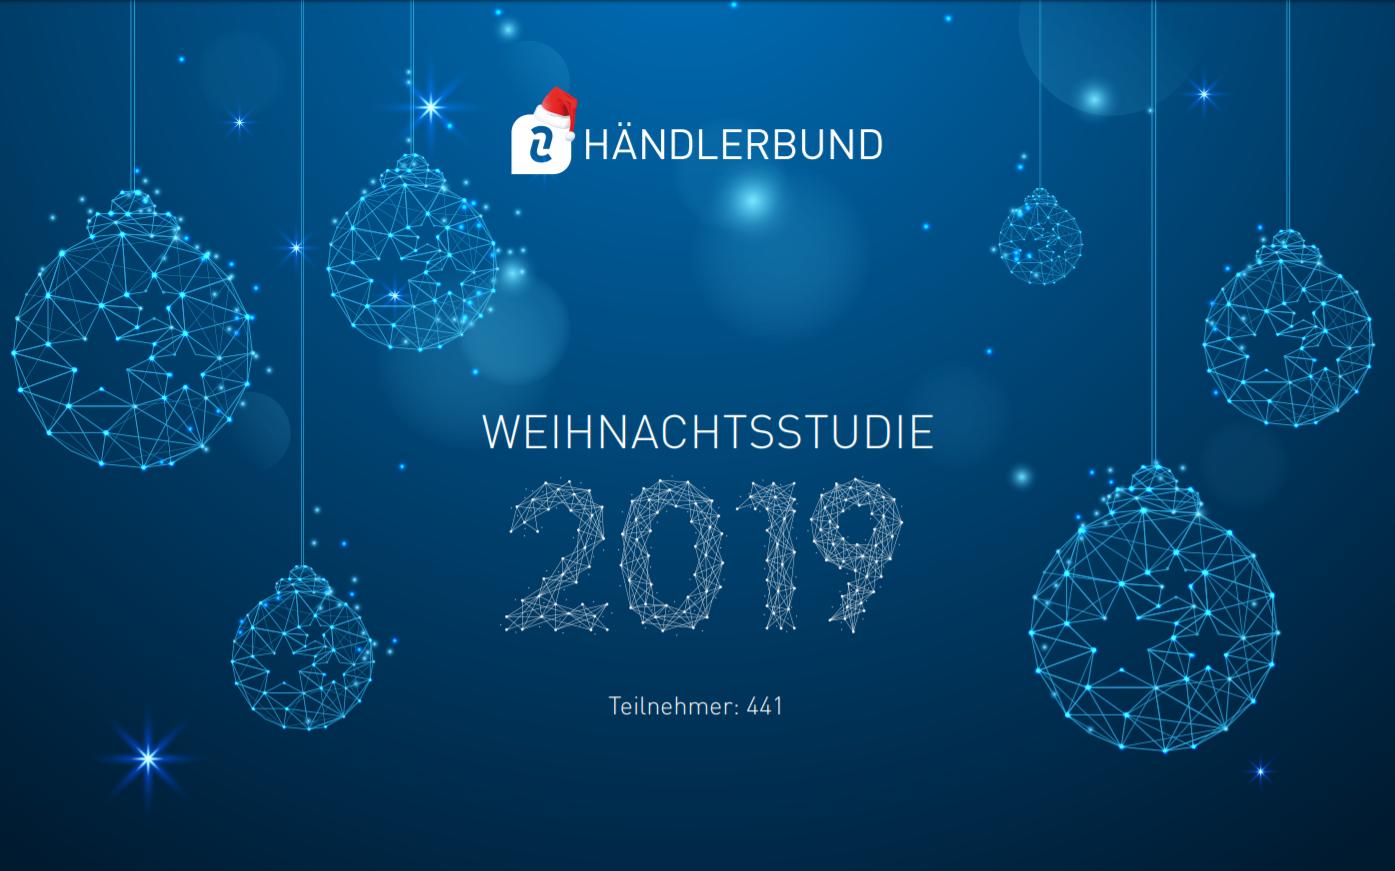 Händlerbund Weihnachtsstudie 2019